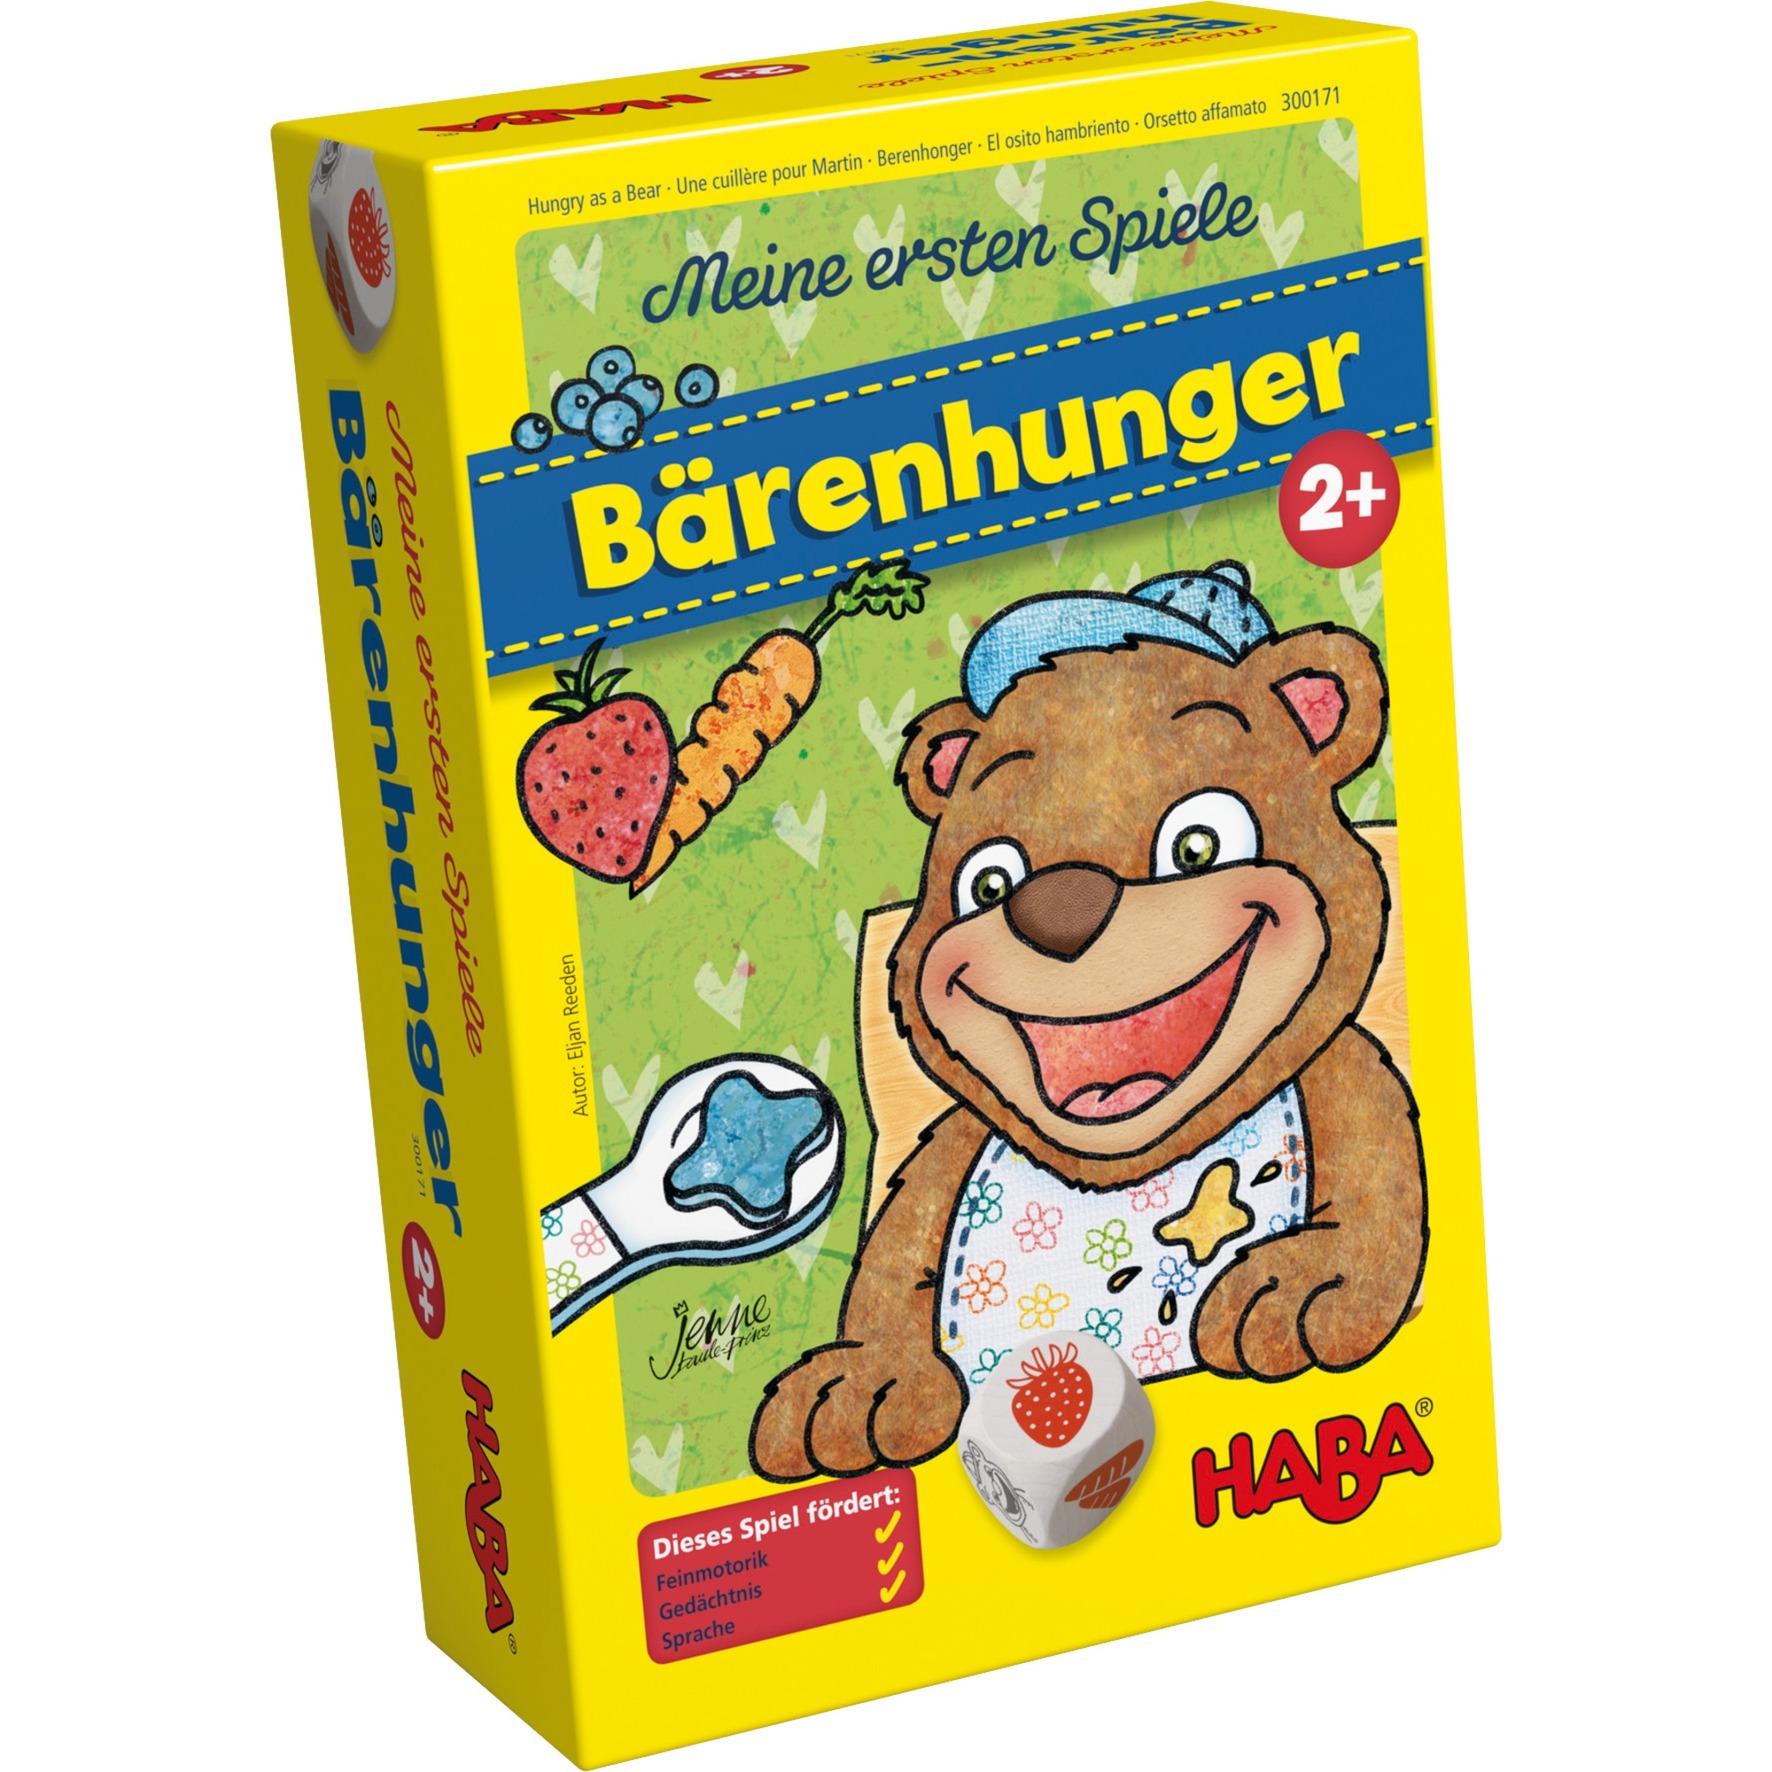 Bärenhunger, Jeu de dés